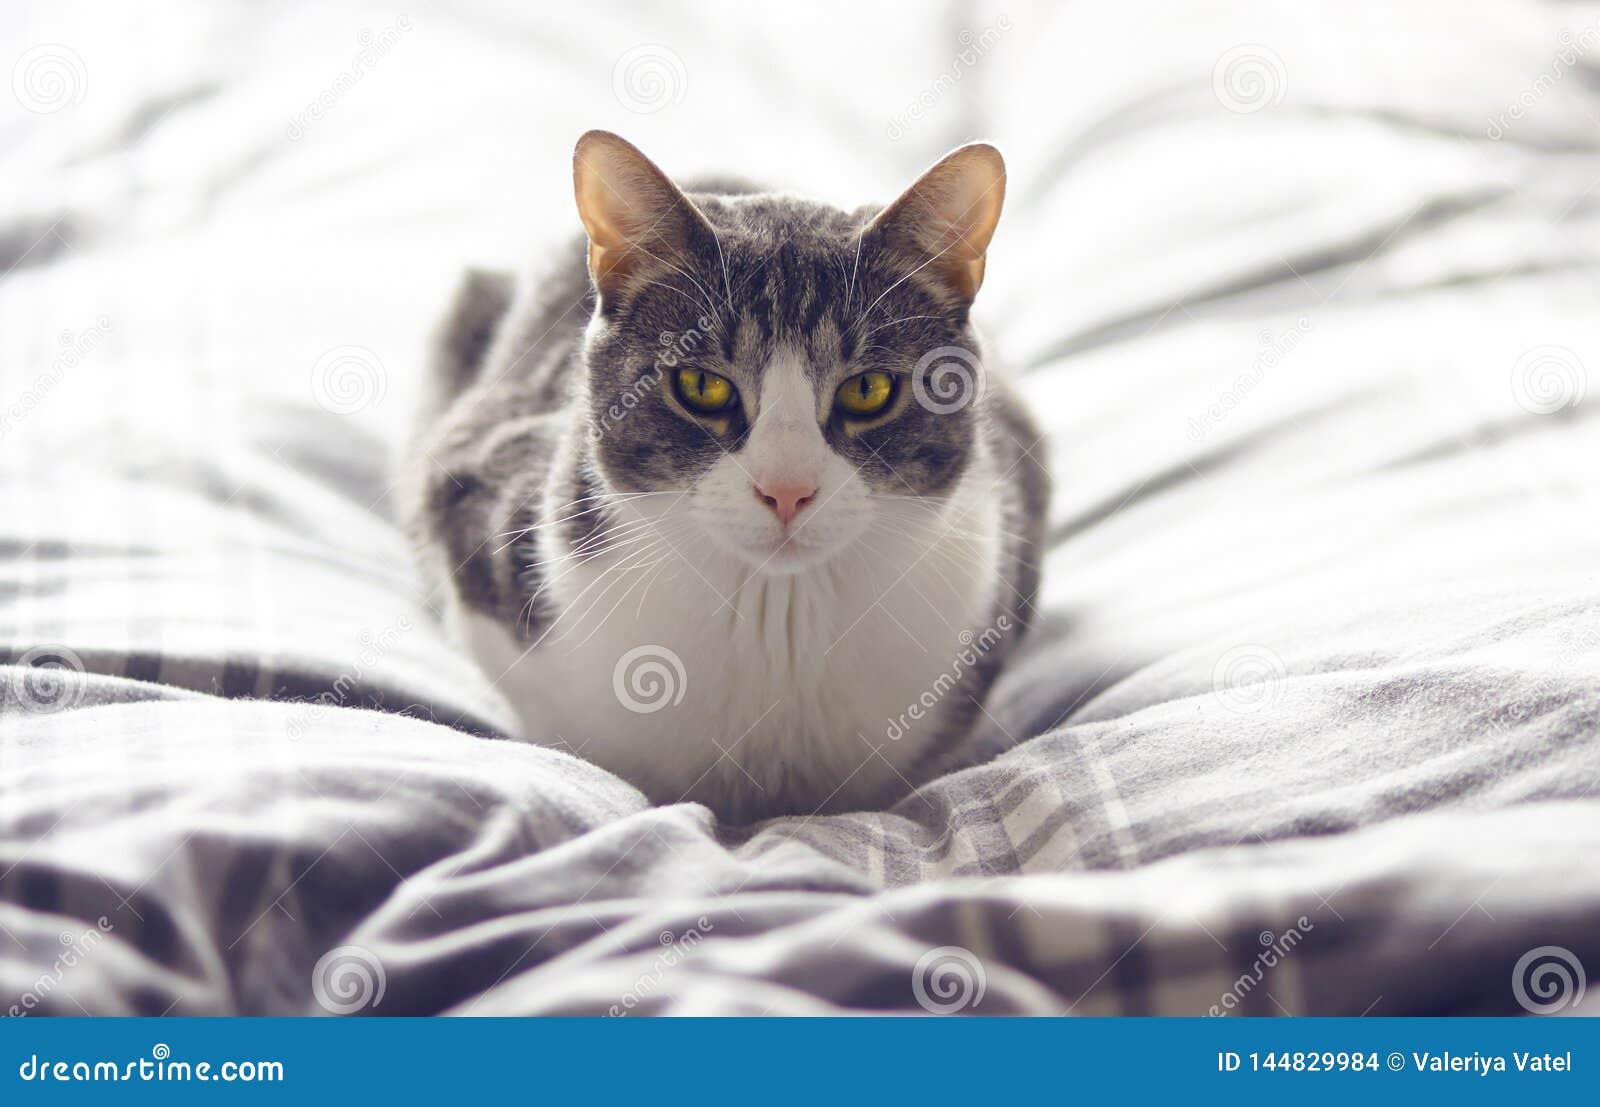 Randig grå katt med underbara gula ögon